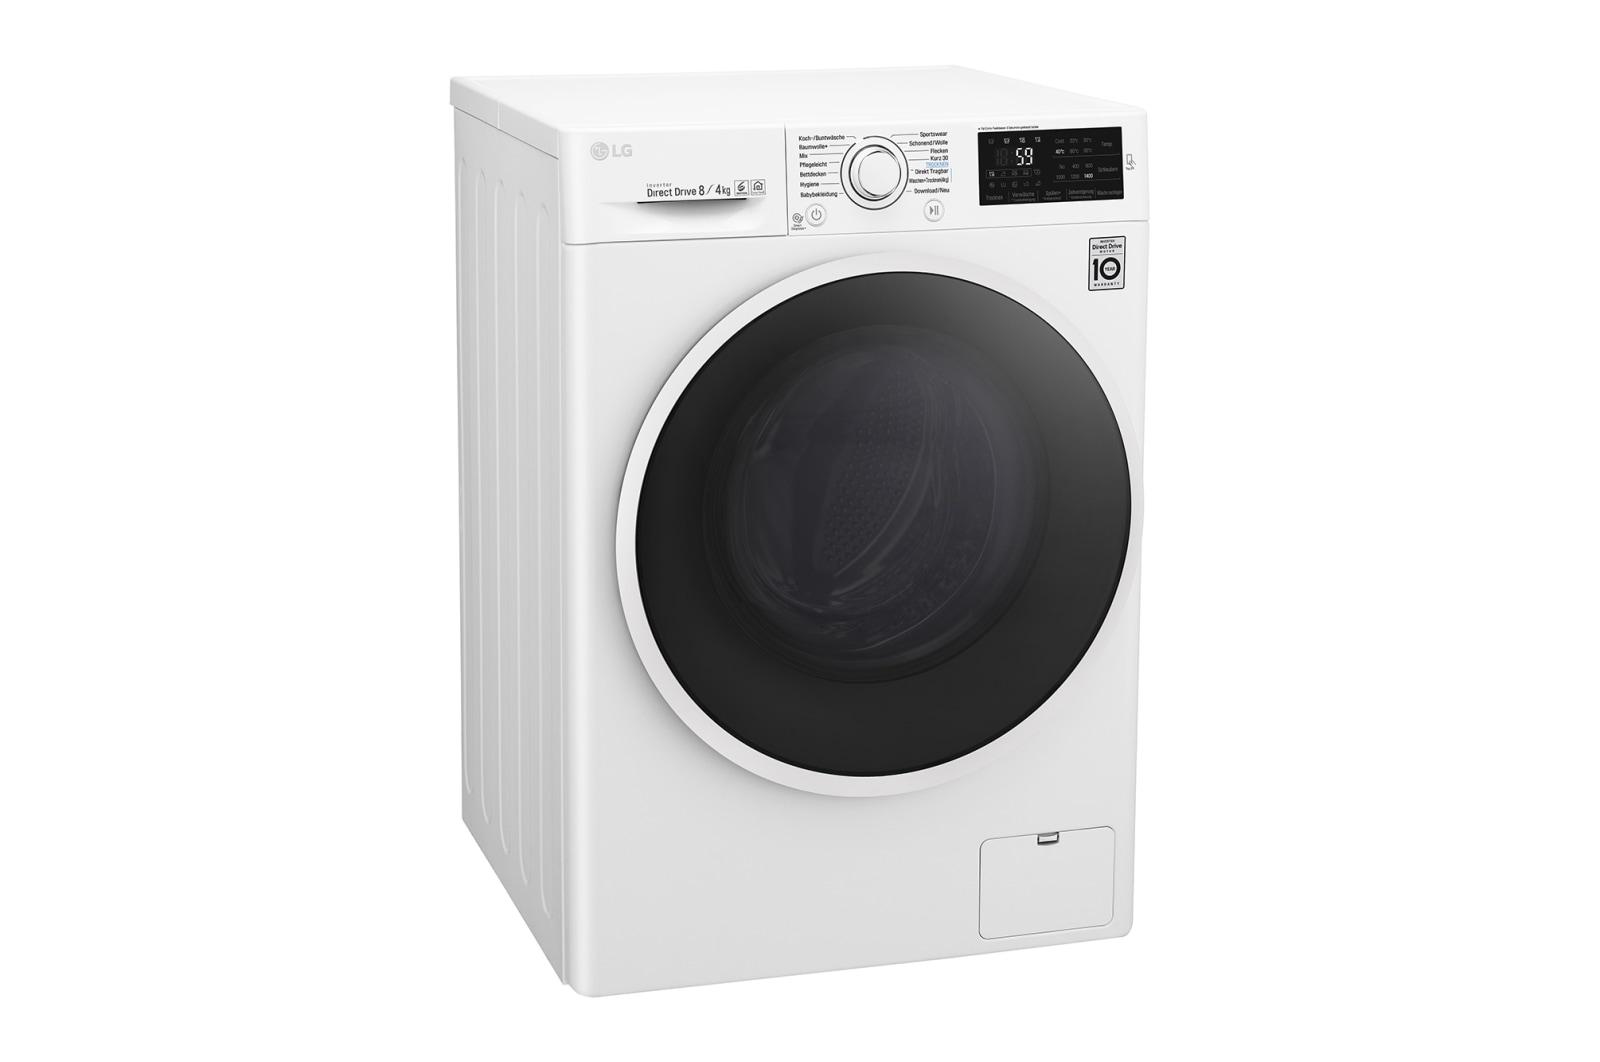 Lg waschtrockner mit nfc und motion directdrive™ lg deutschland